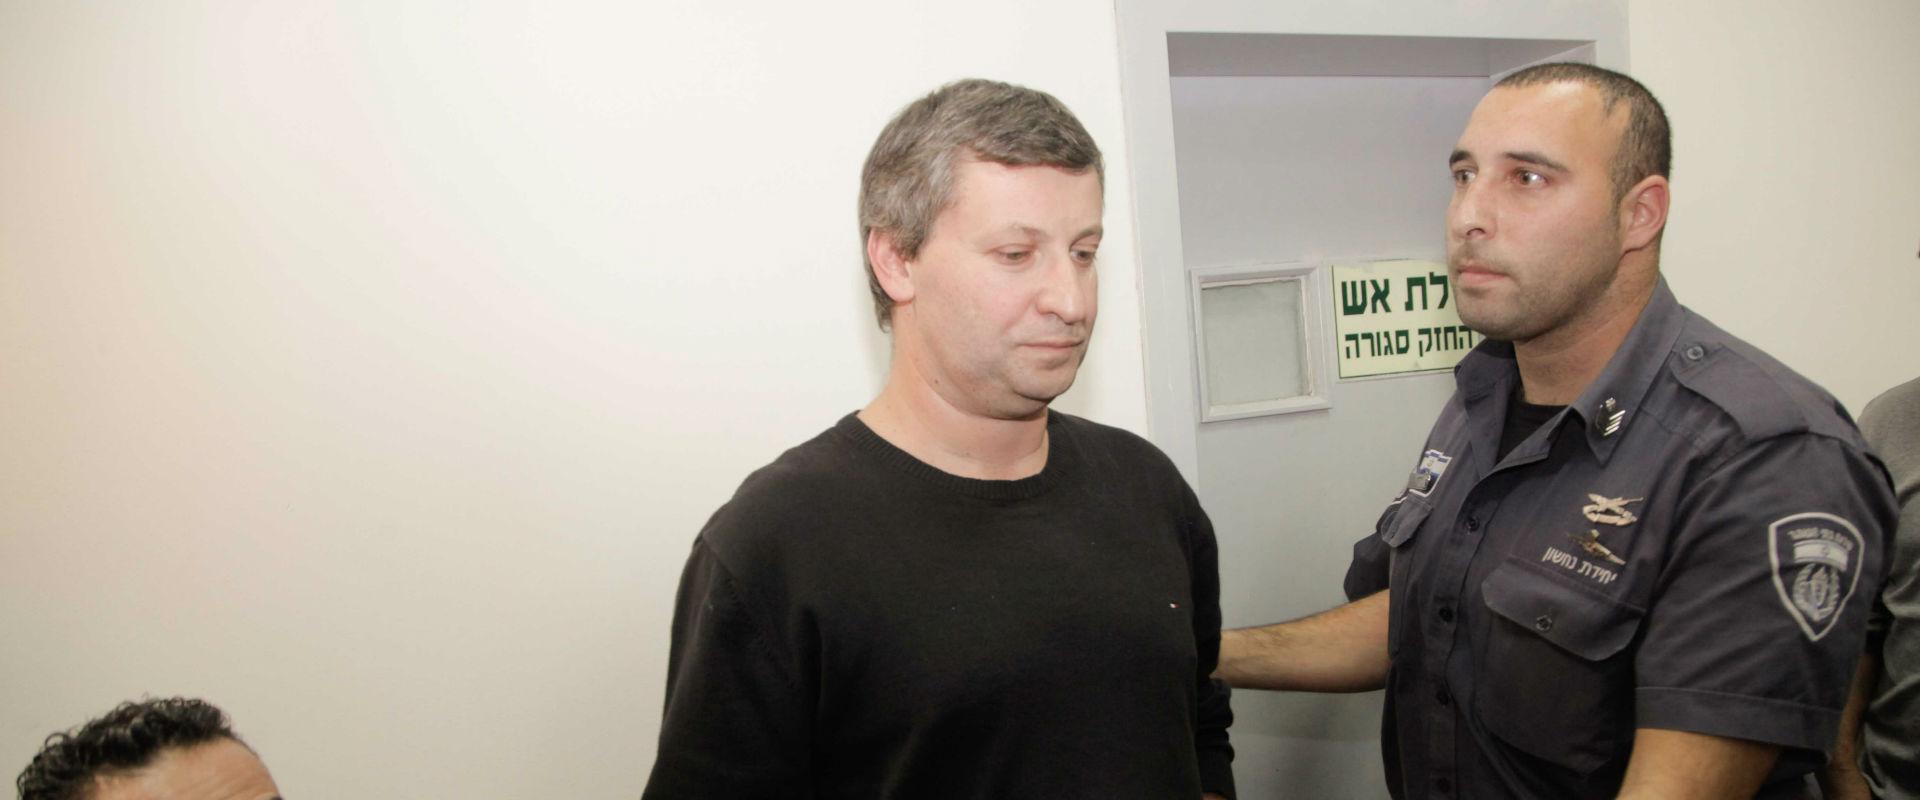 שר התיירות לשעבר, סטס מיסז'ניקוב